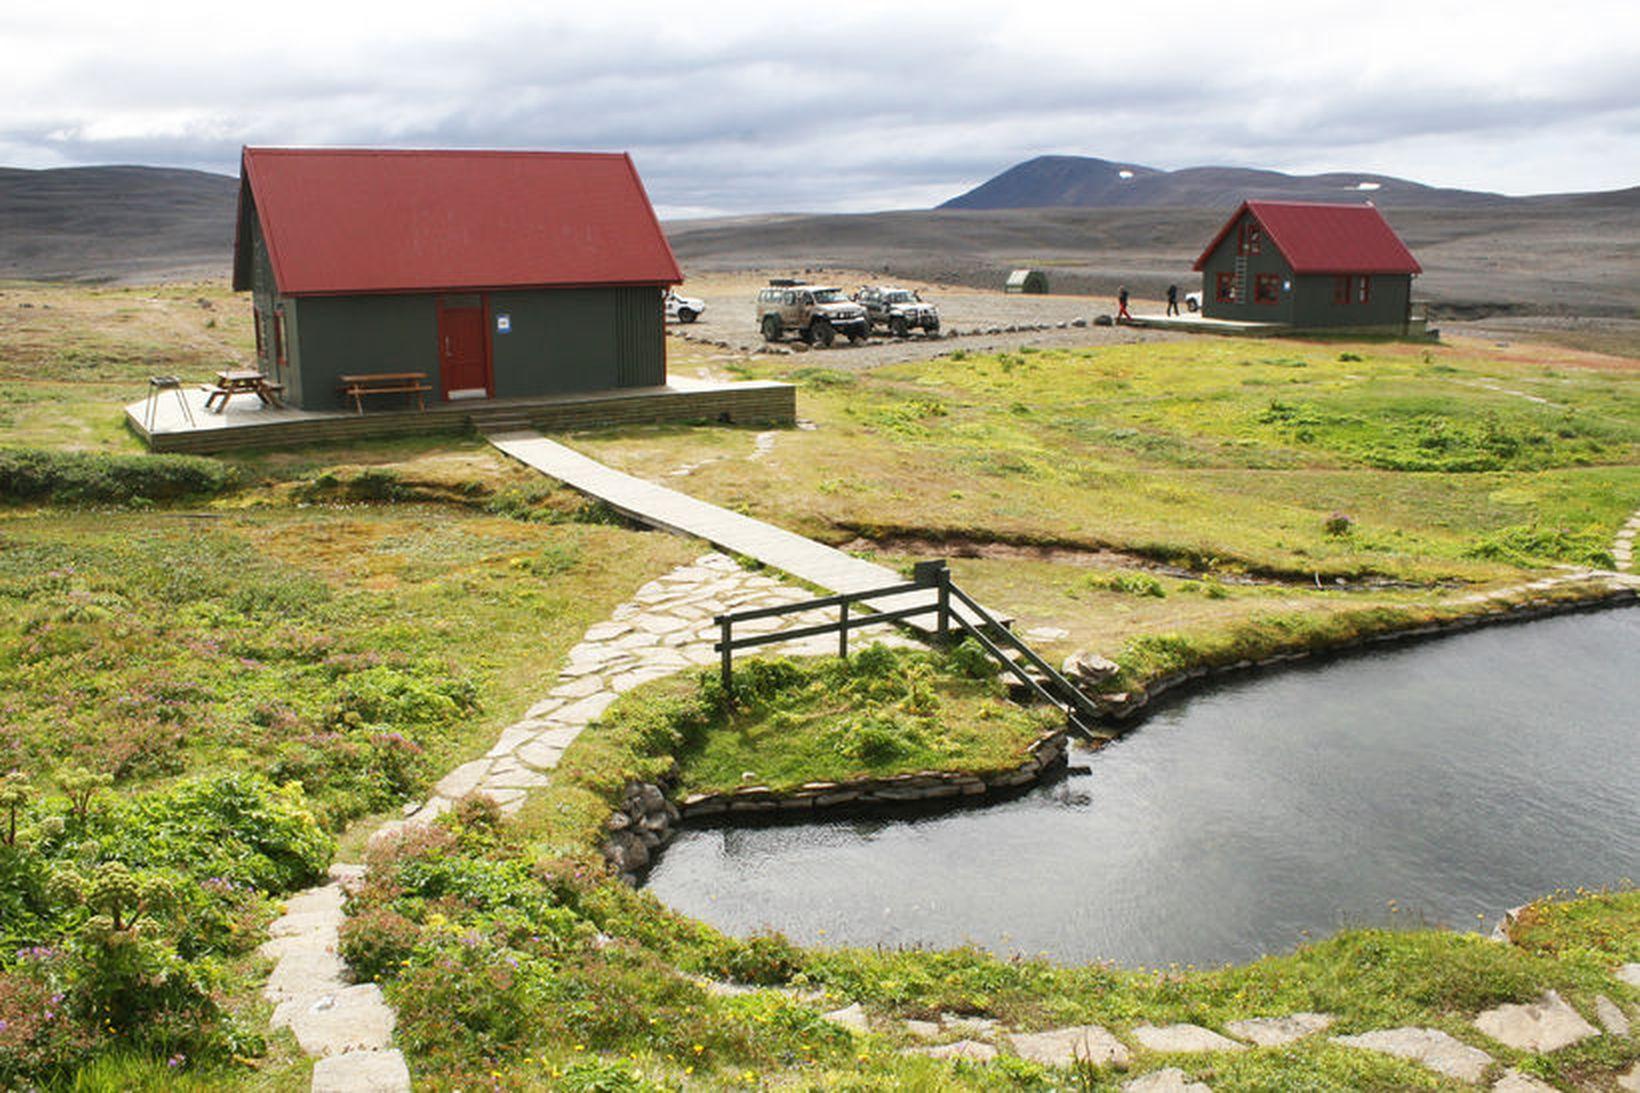 Allir skálar Ferðafélags Íslands eru nú opnir. Hér má sjá …